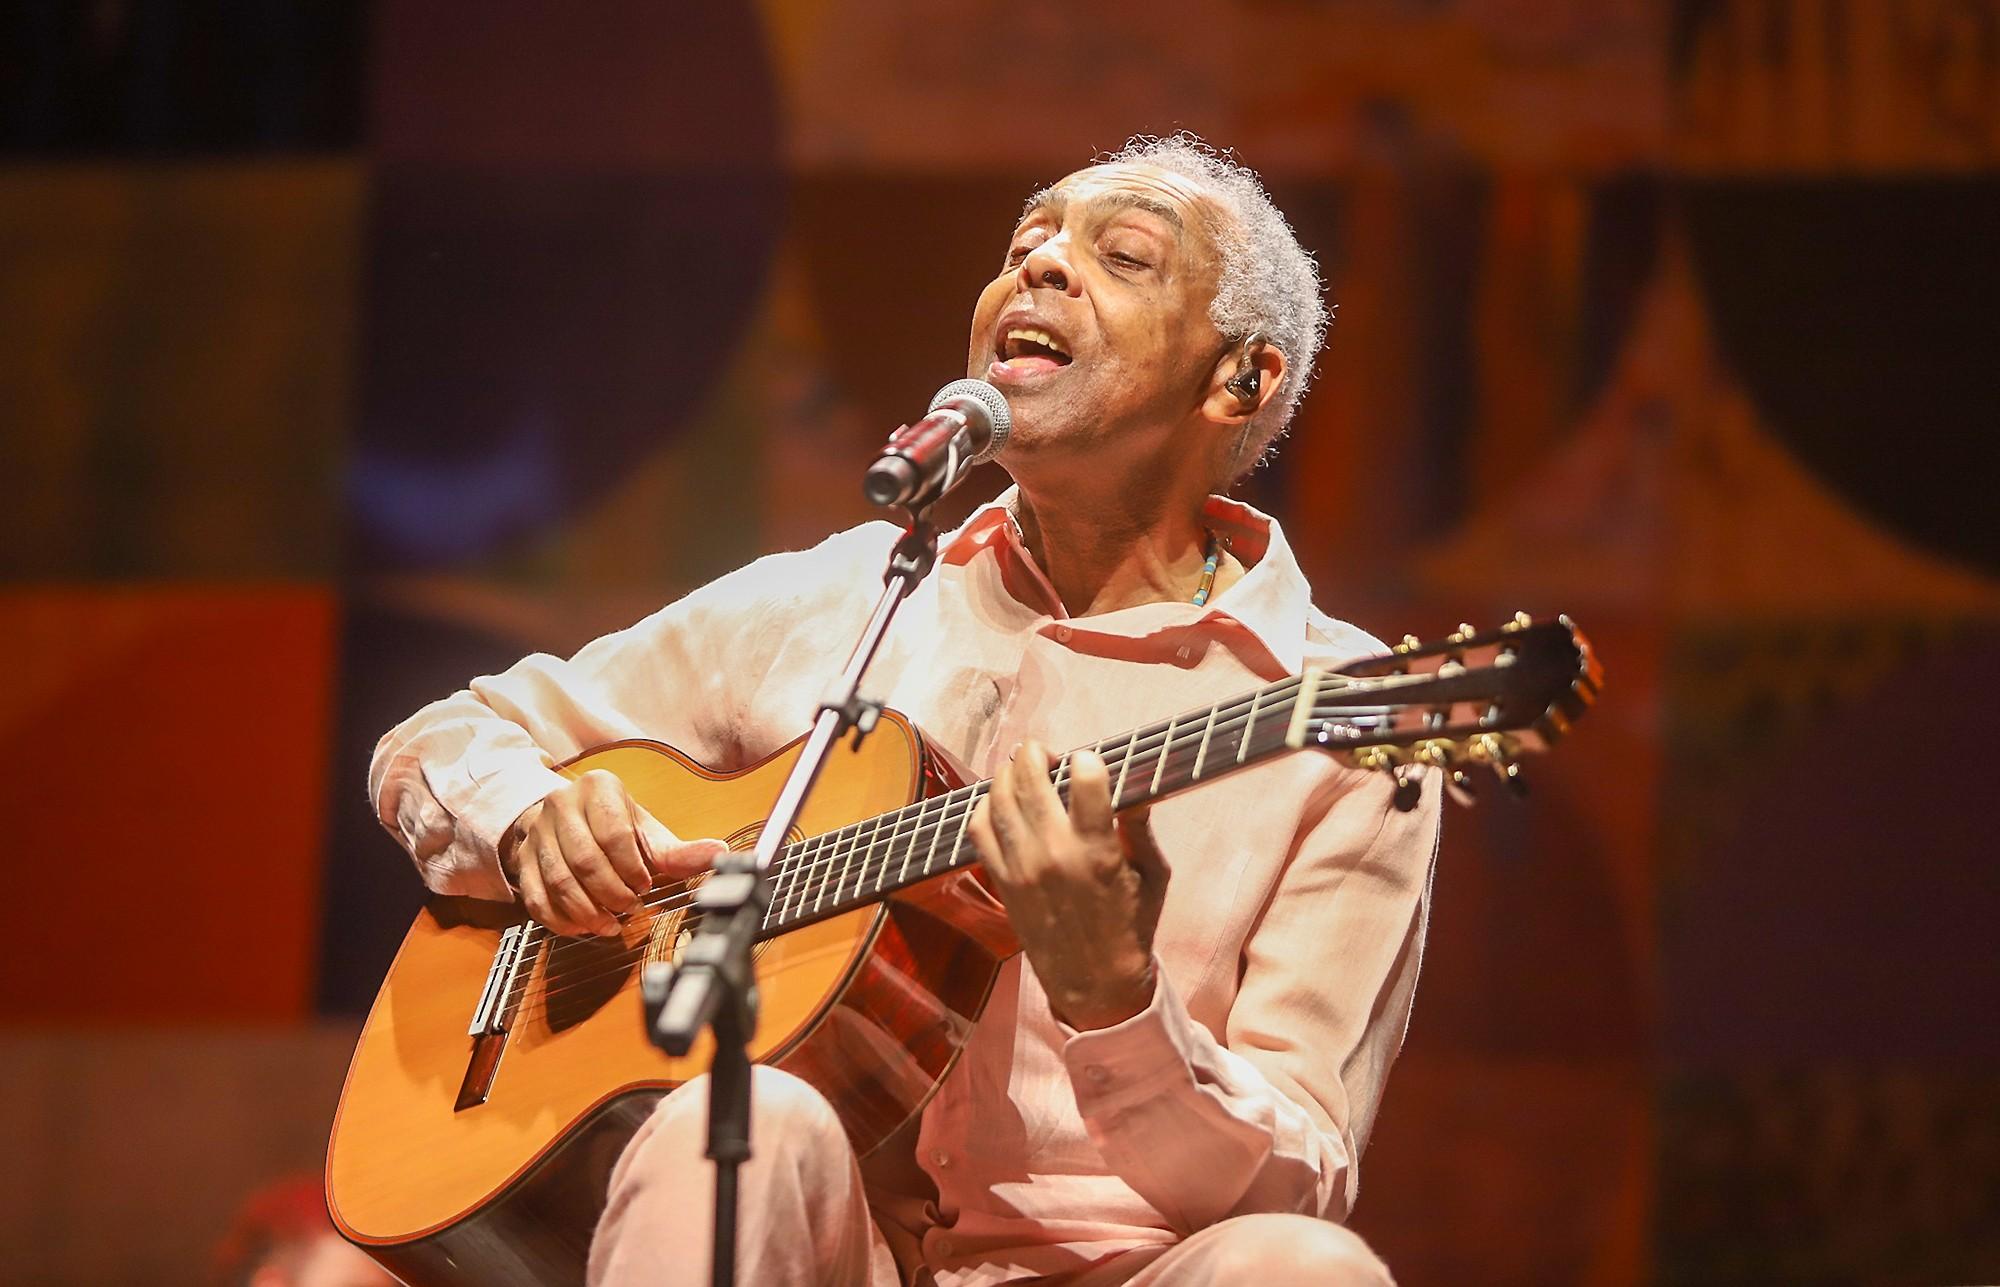 Gilberto Gil segue trilho afetuoso no show 'OK OK OK' com a serenidade de momento de 'volúpia musical' - Notícias - Plantão Diário